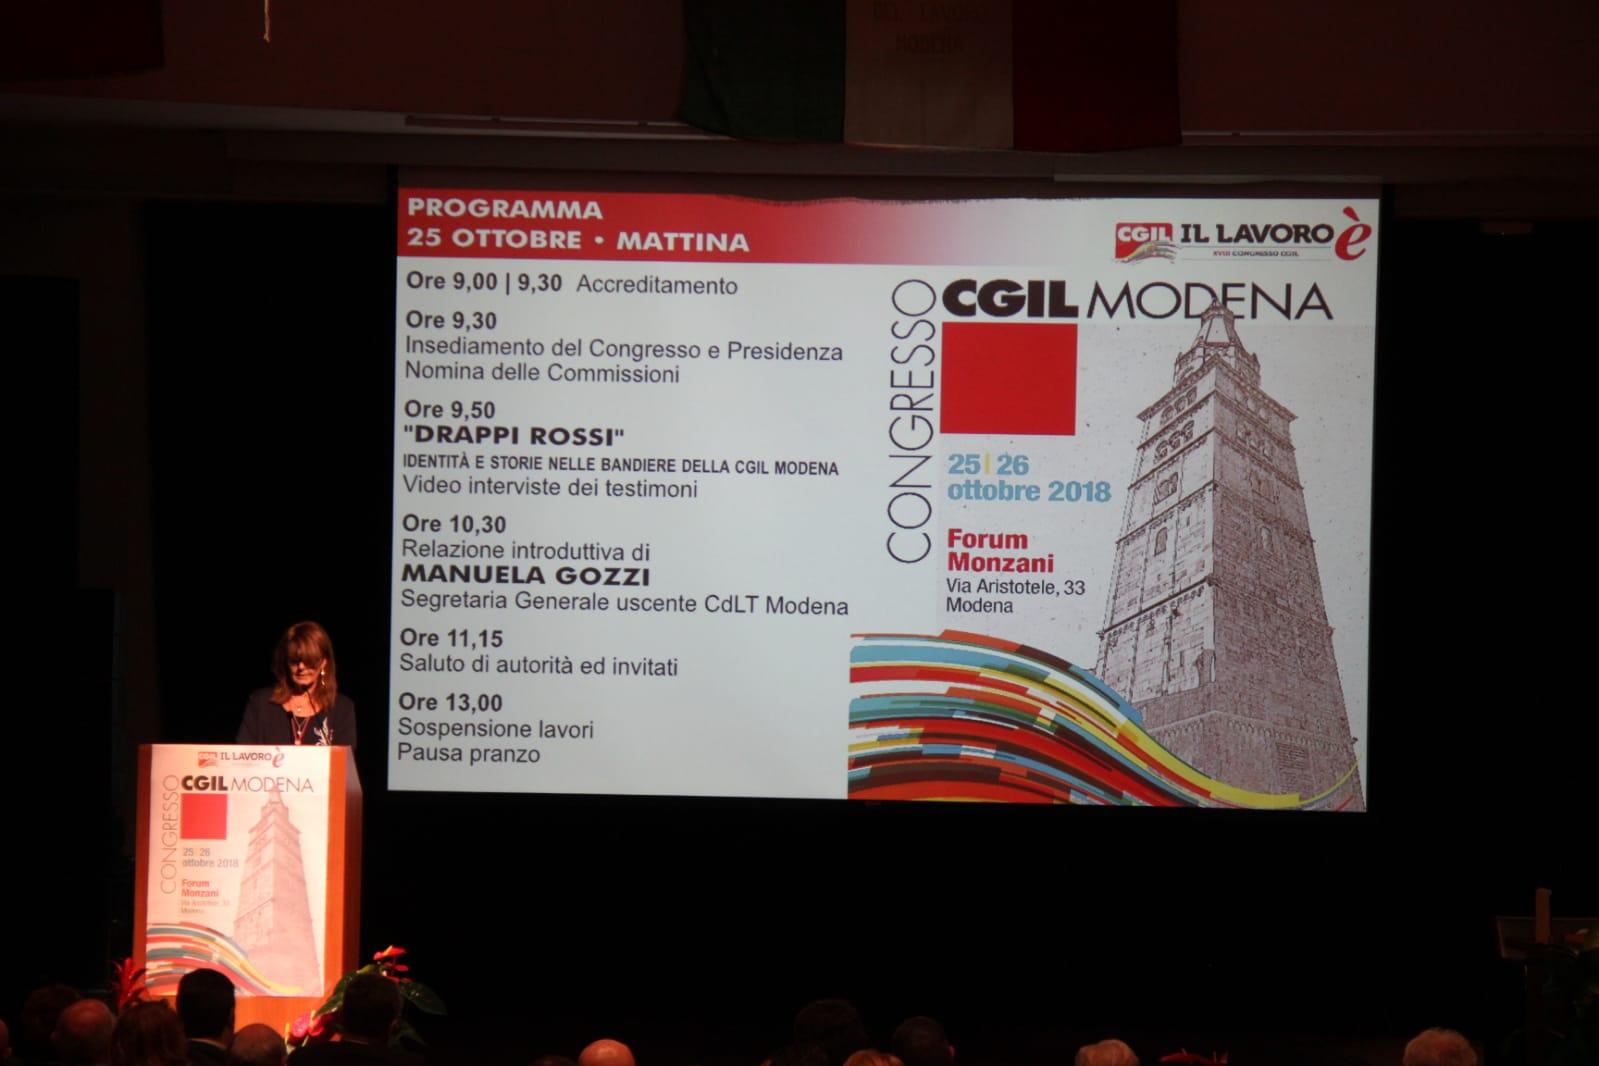 18° congresso Cgil Modena - 25-26 ottobre 2018